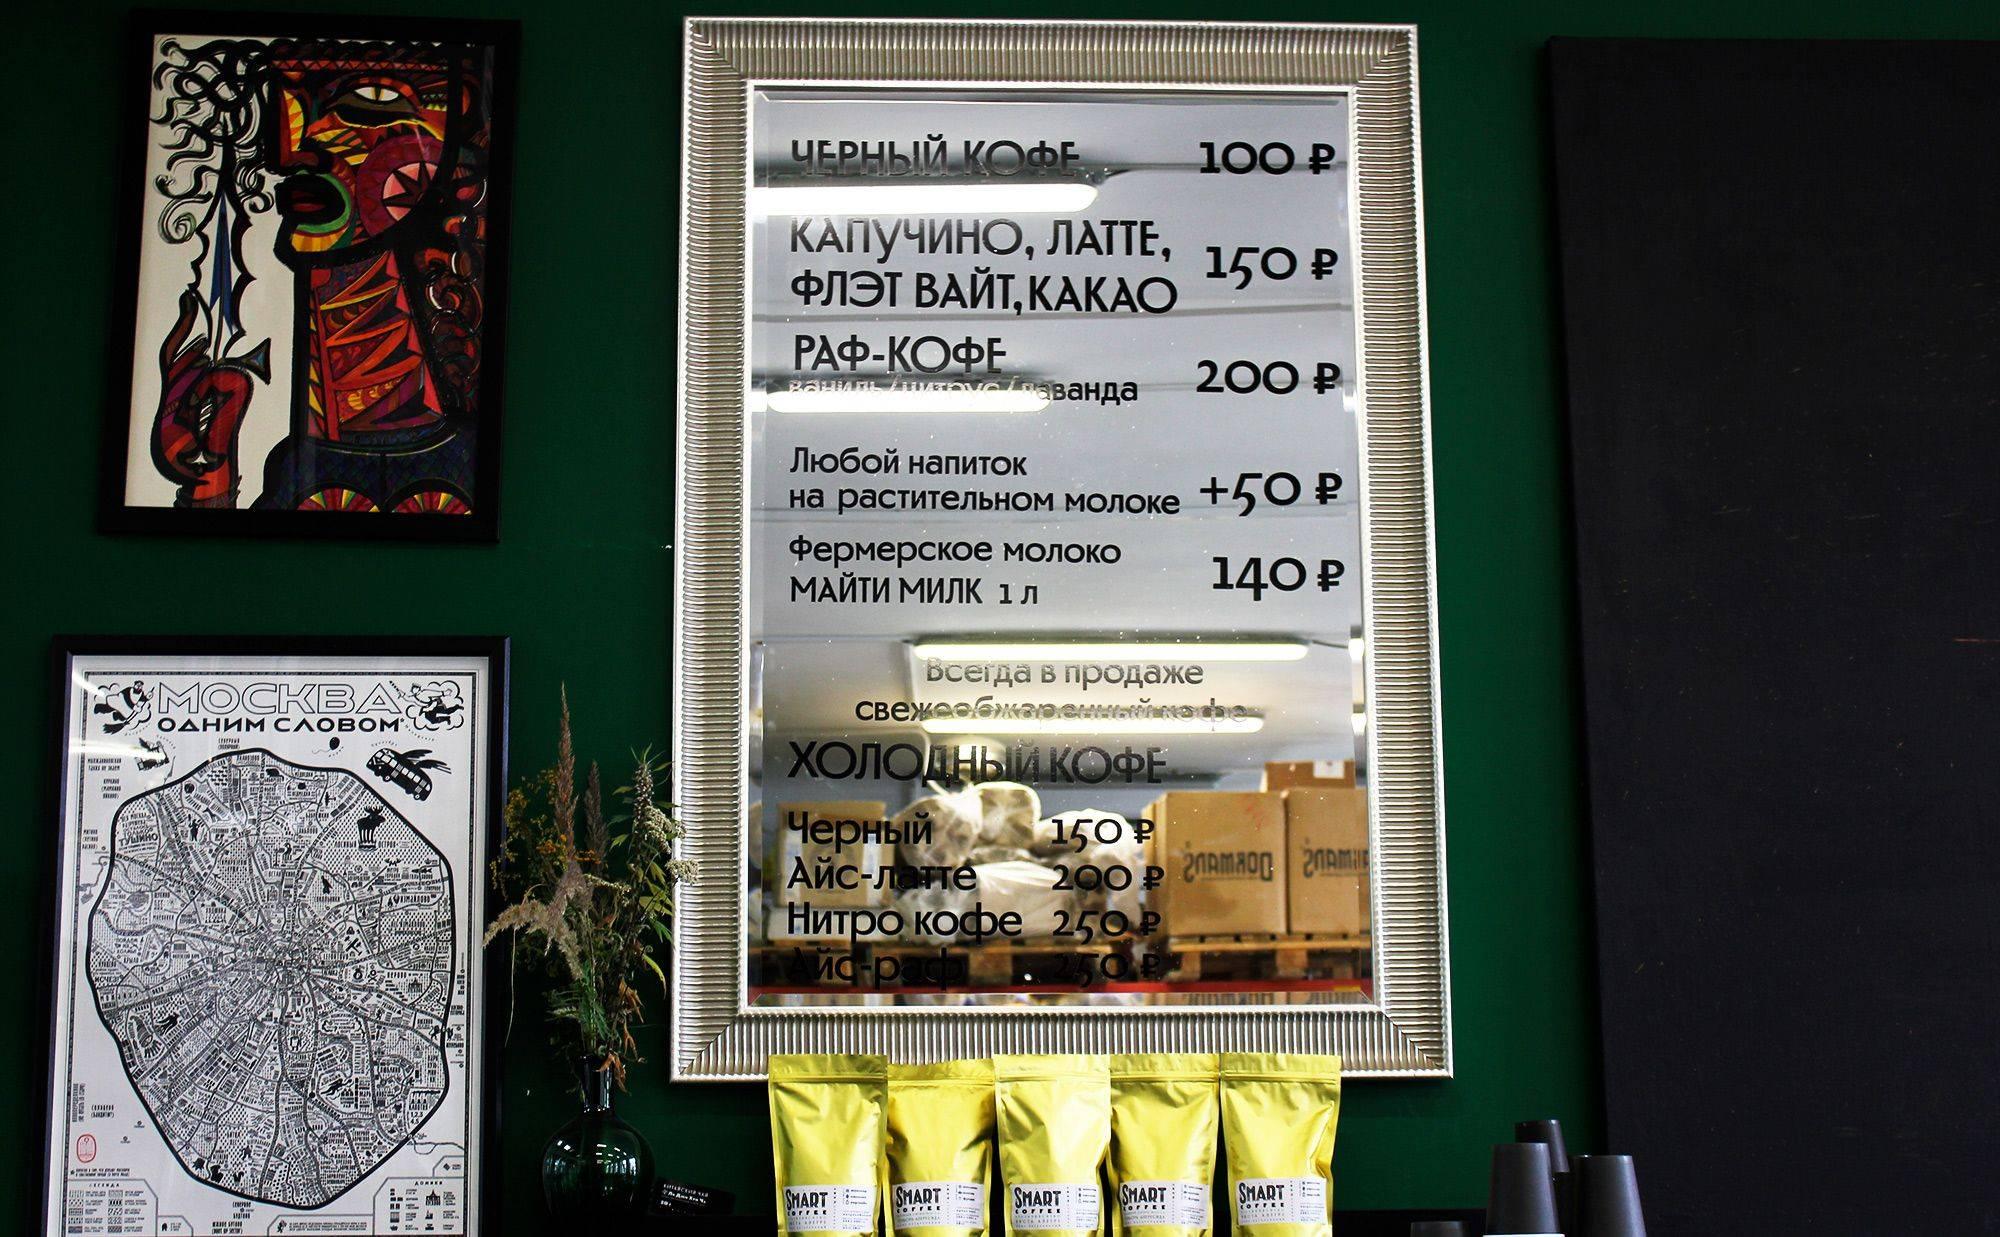 Смарт кофе на ВДНХ